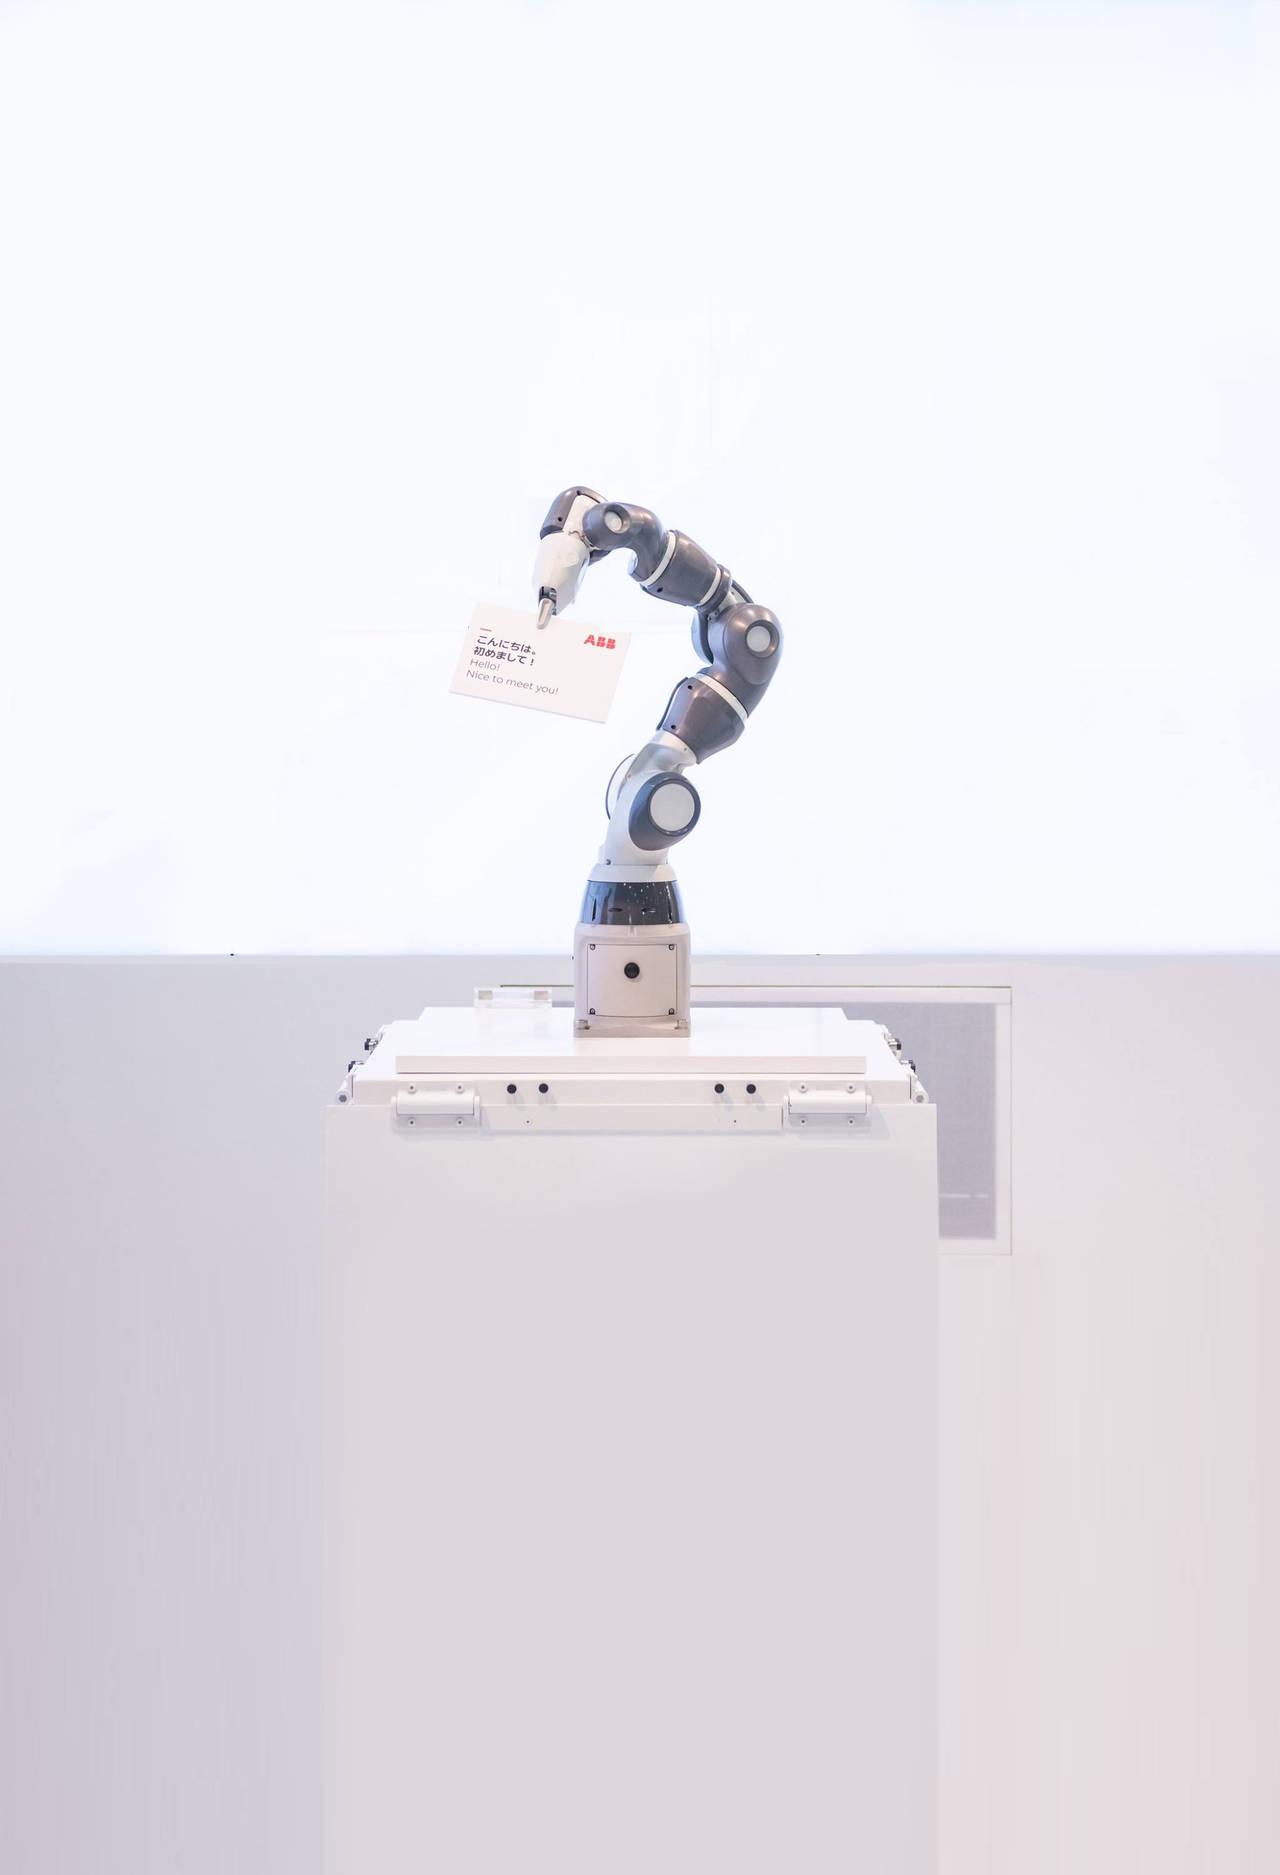 Lanzan robot colaborativo